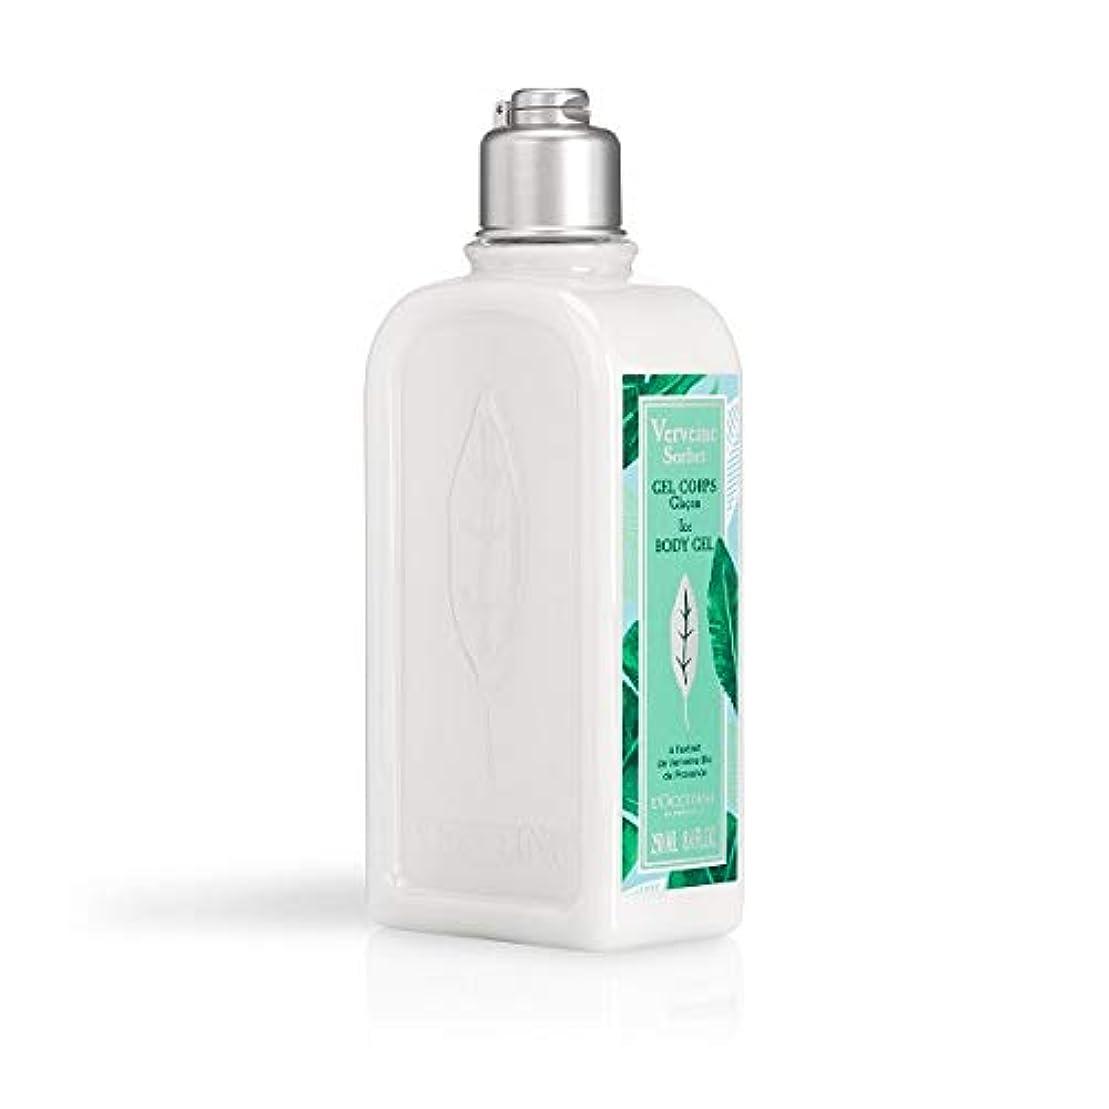 値下げ支払う生命体ロクシタン(L'OCCITANE) ミントウ゛ァーベナ ソルベボディジェル 250ml(ボディ用乳液)